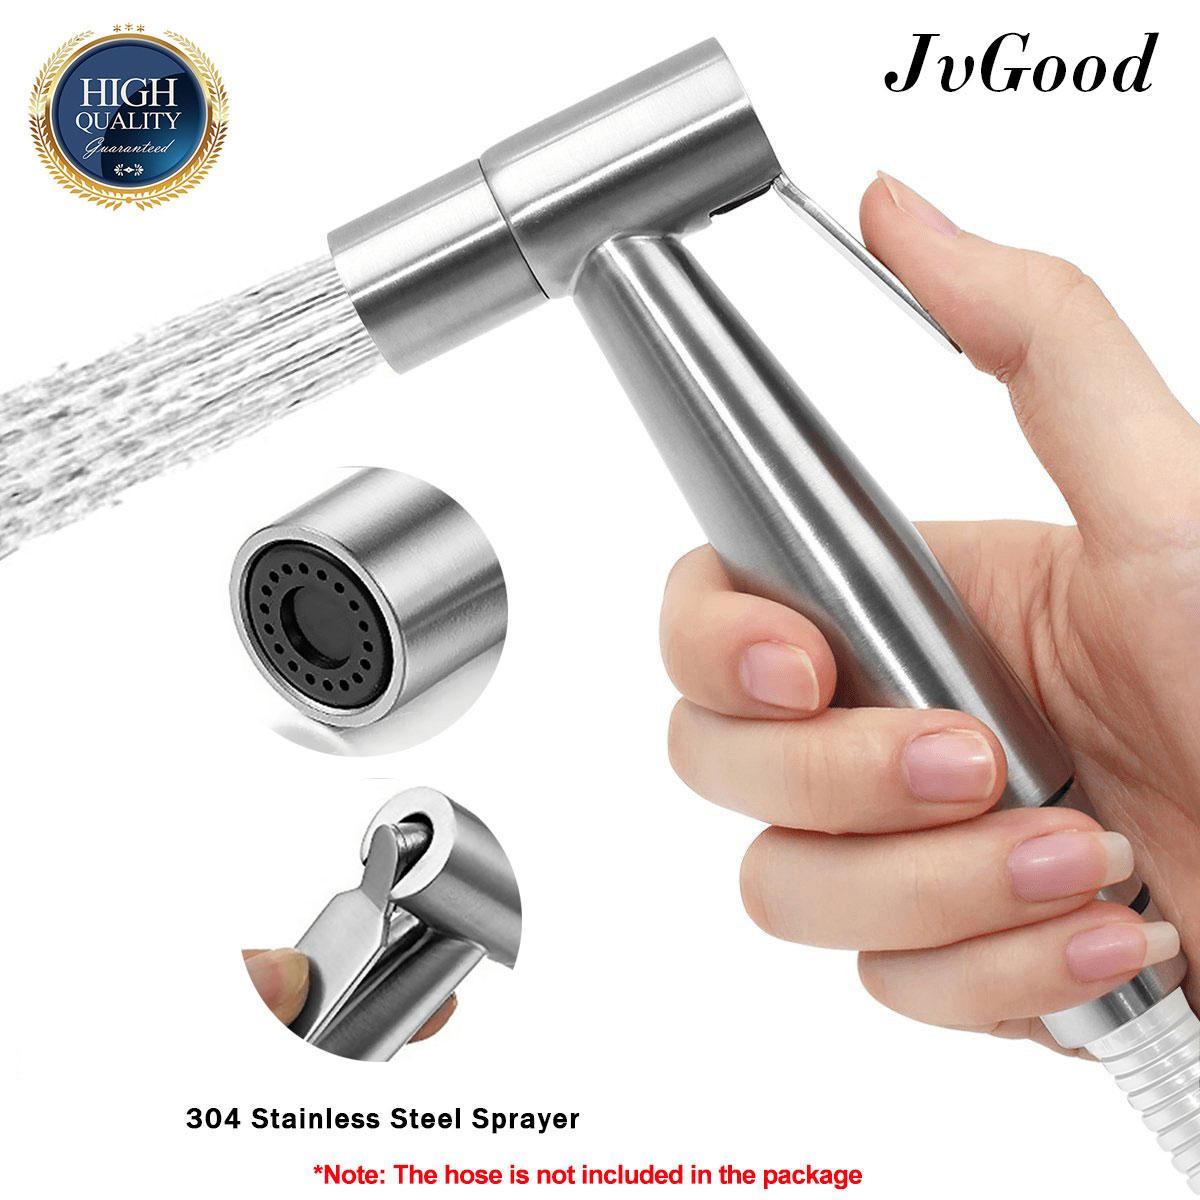 Jvgood Toilet Bidet Sprayer Bathroom Washing Shower Handheld Water Spray 304 Stainless Steel Toilet Bidet Rinse By Jvgood.